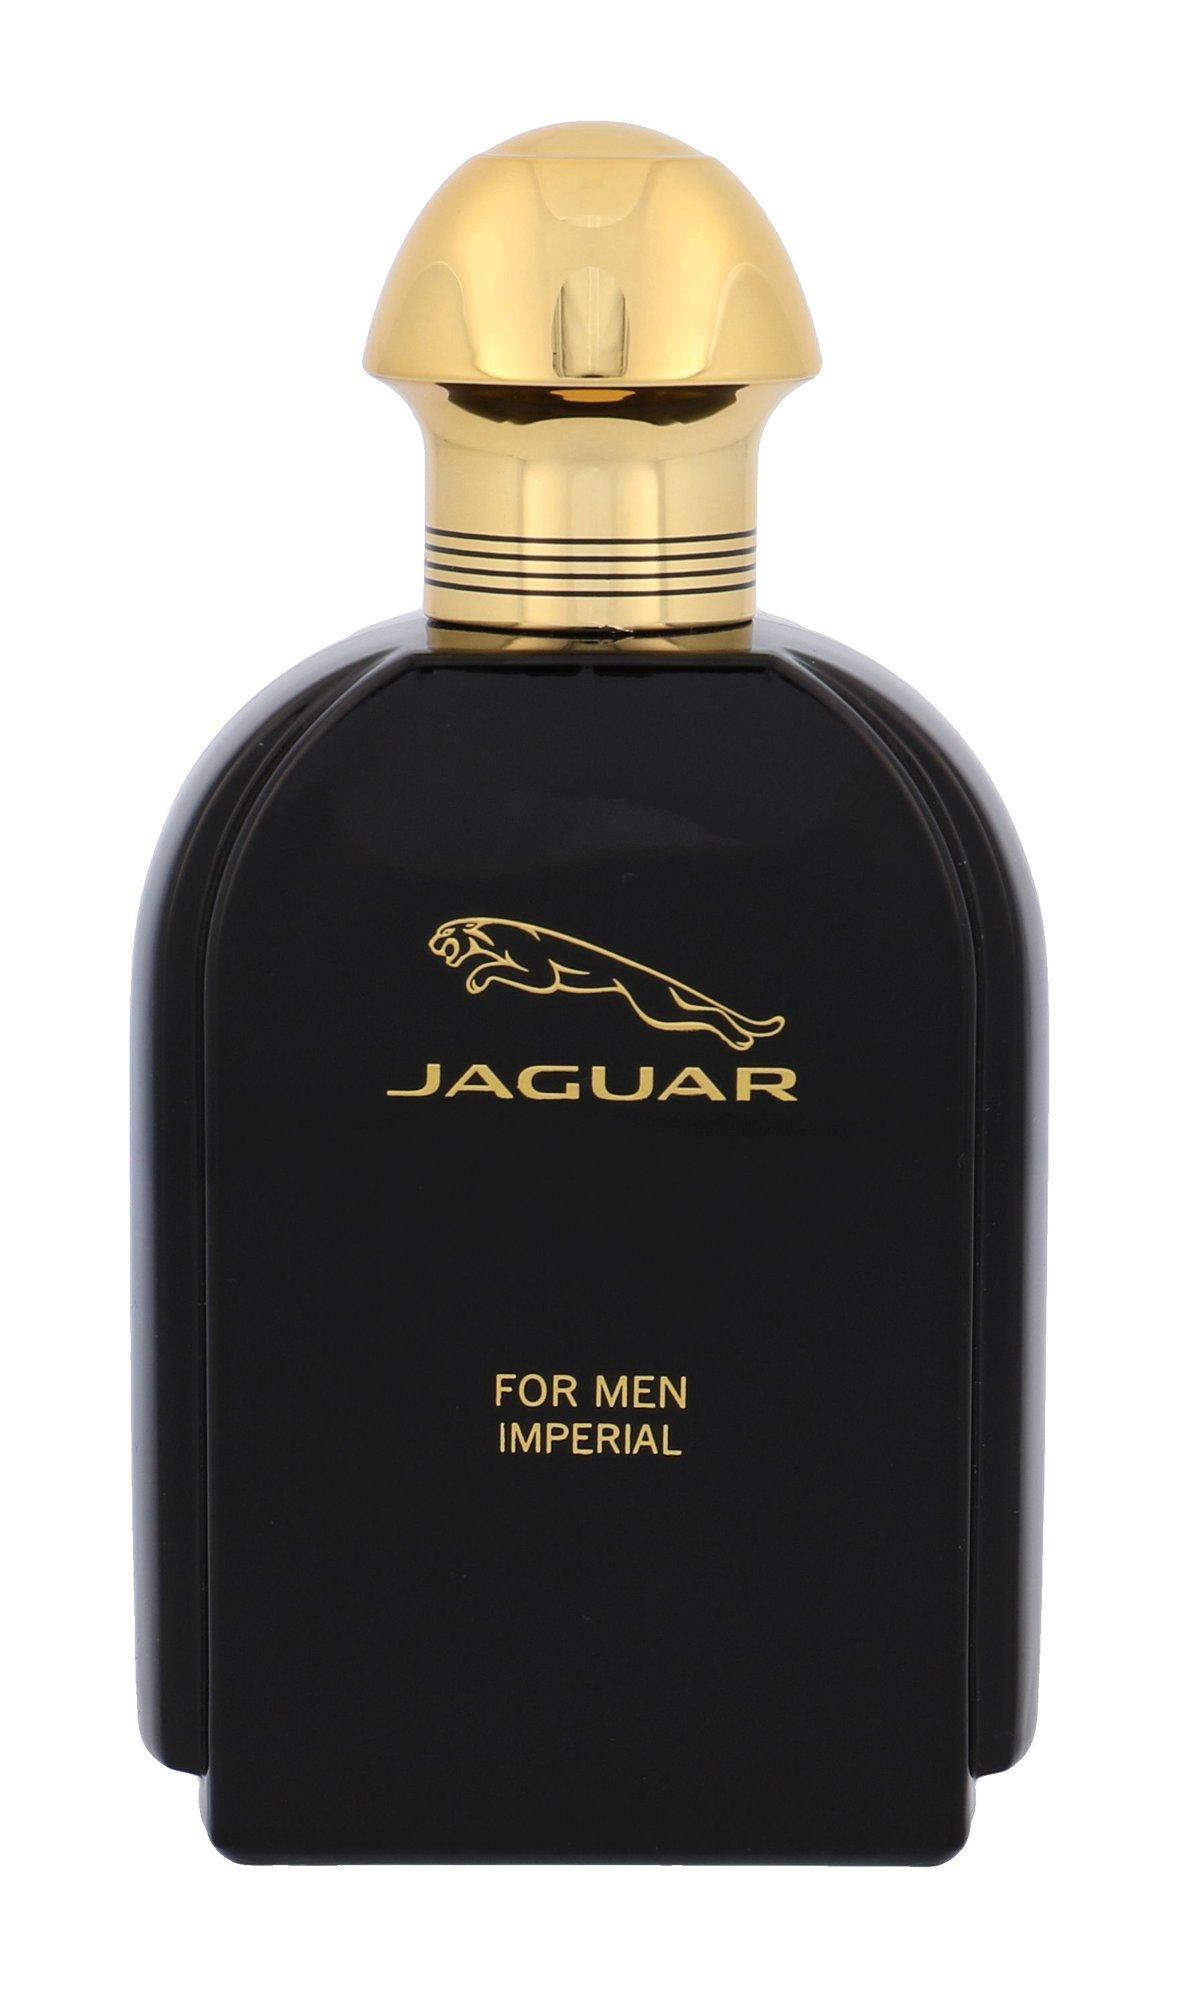 Jaguar For Men Imperial EDT 100ml